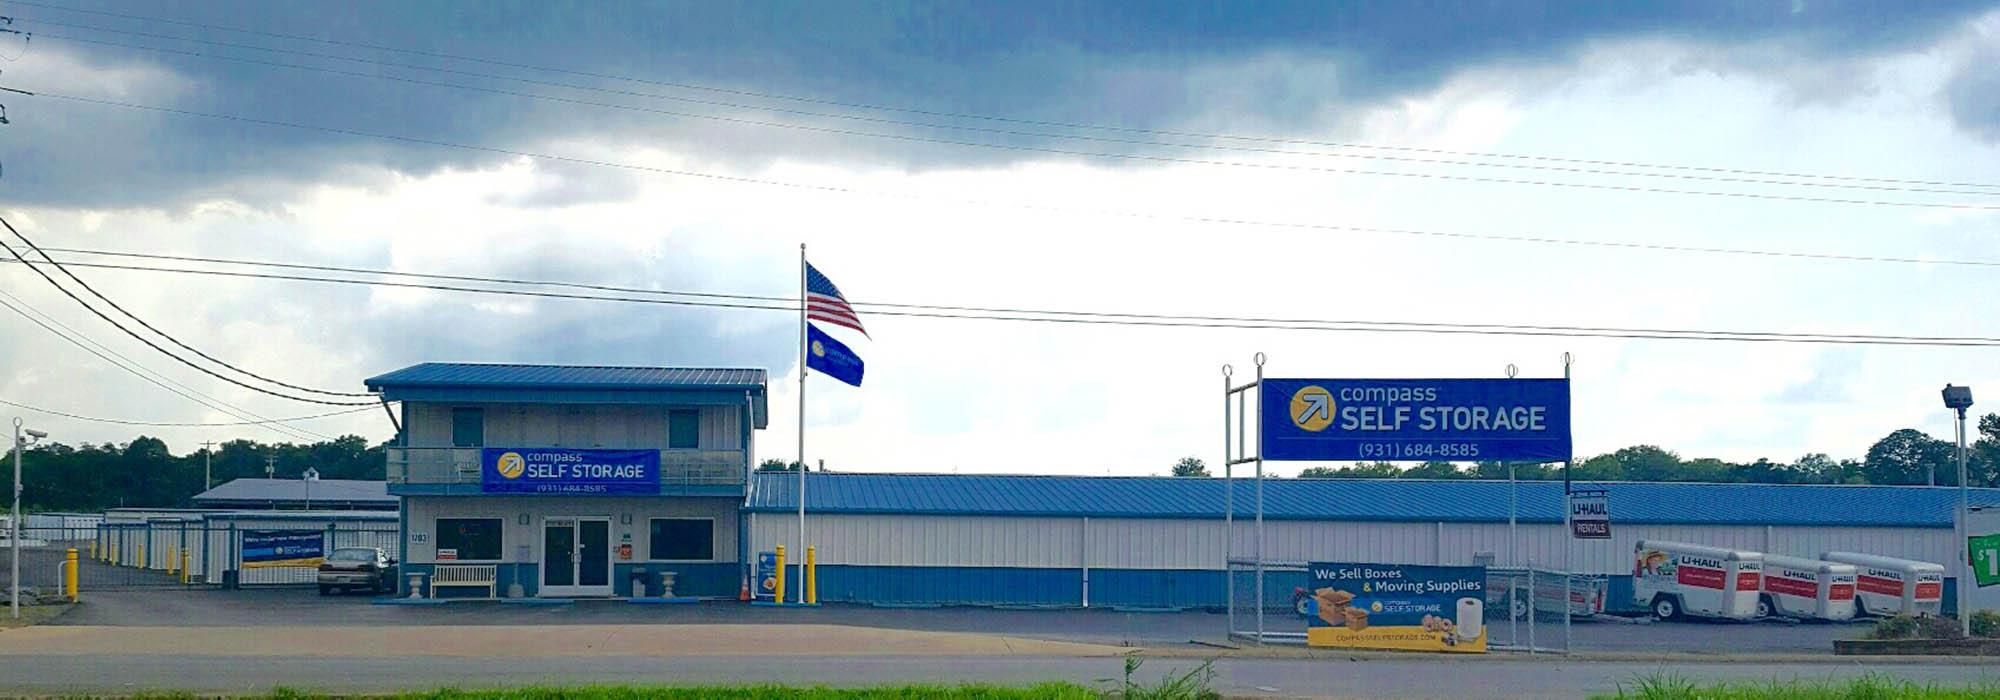 Self storage in Shelbyville TN